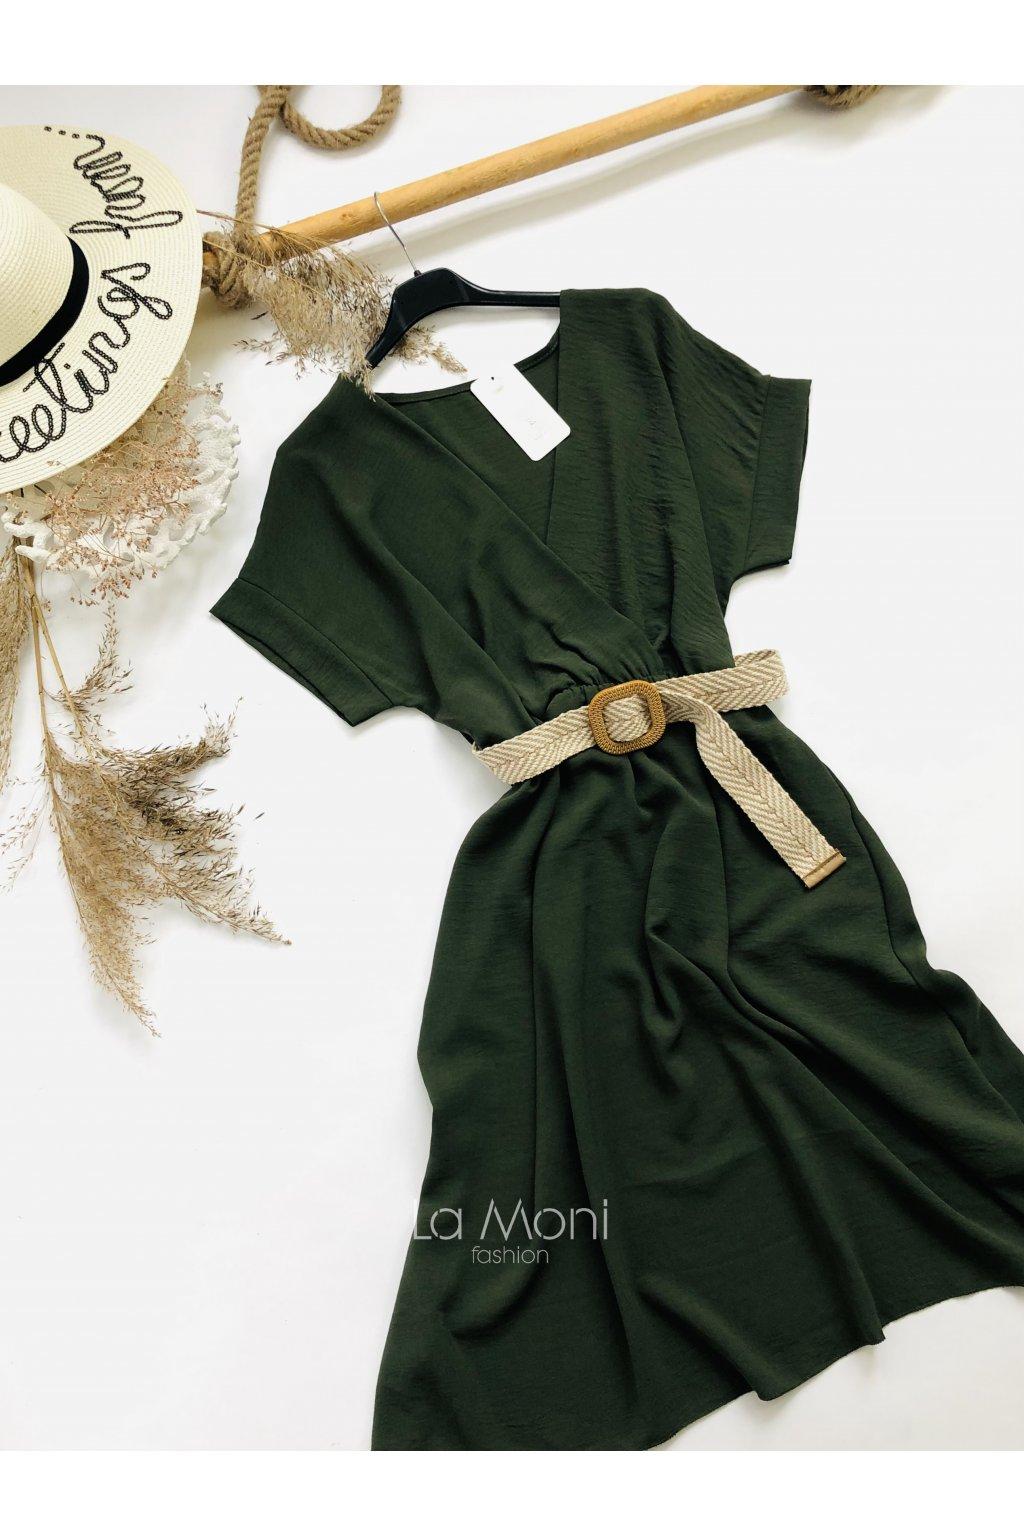 Křížené šaty s páskem  - netopýr střih  m/l